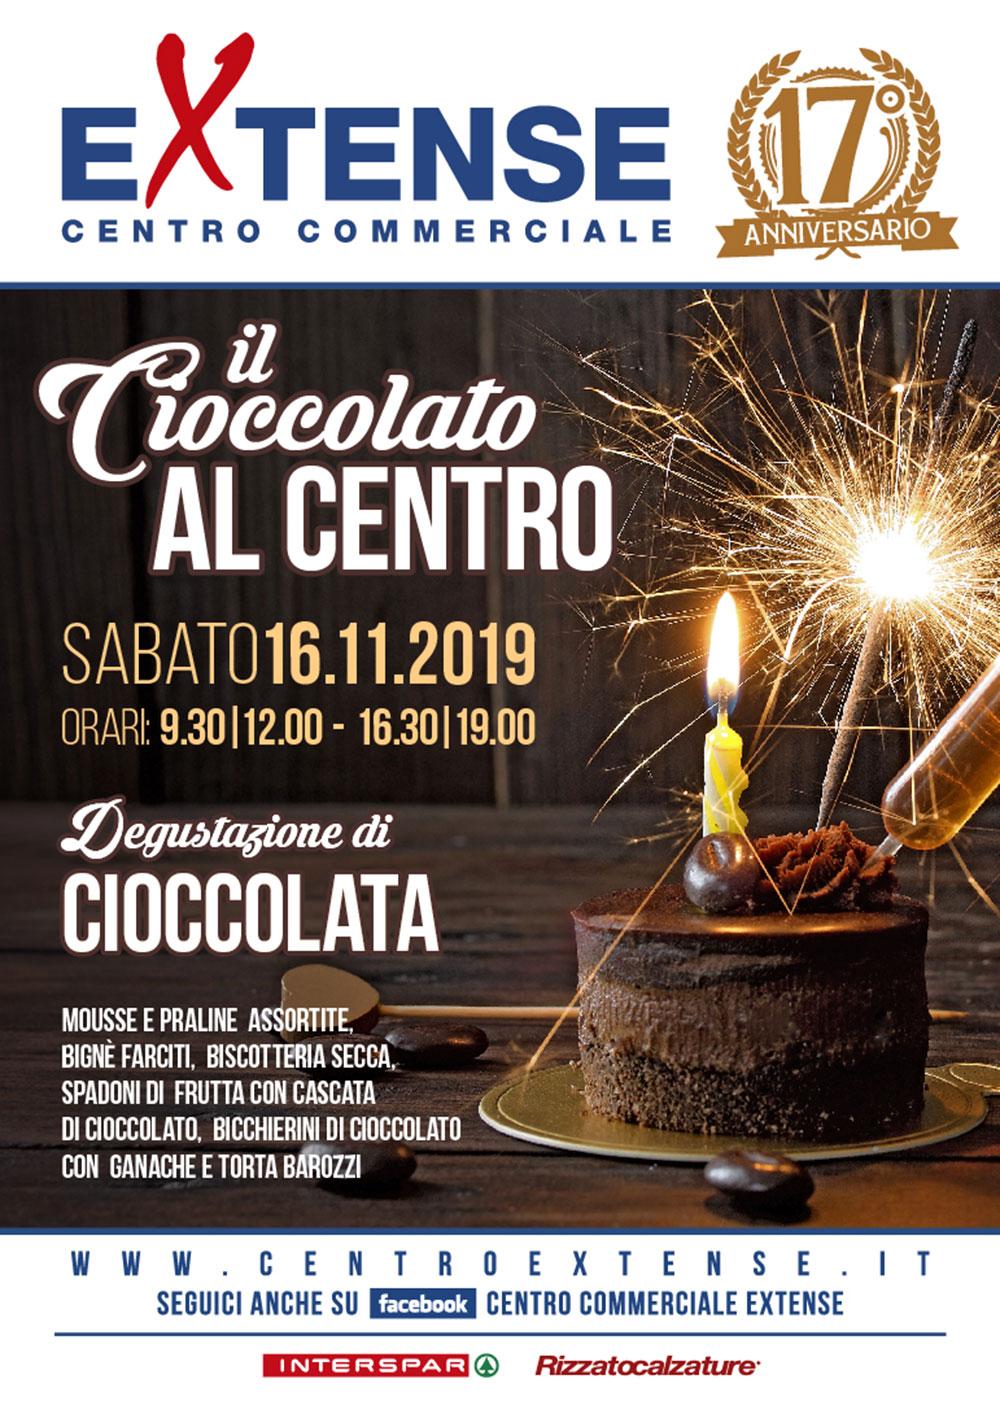 17° Anniversario del Centro Commerciale Extense - Il Cioccolato in Centro - 16 novembre 2019